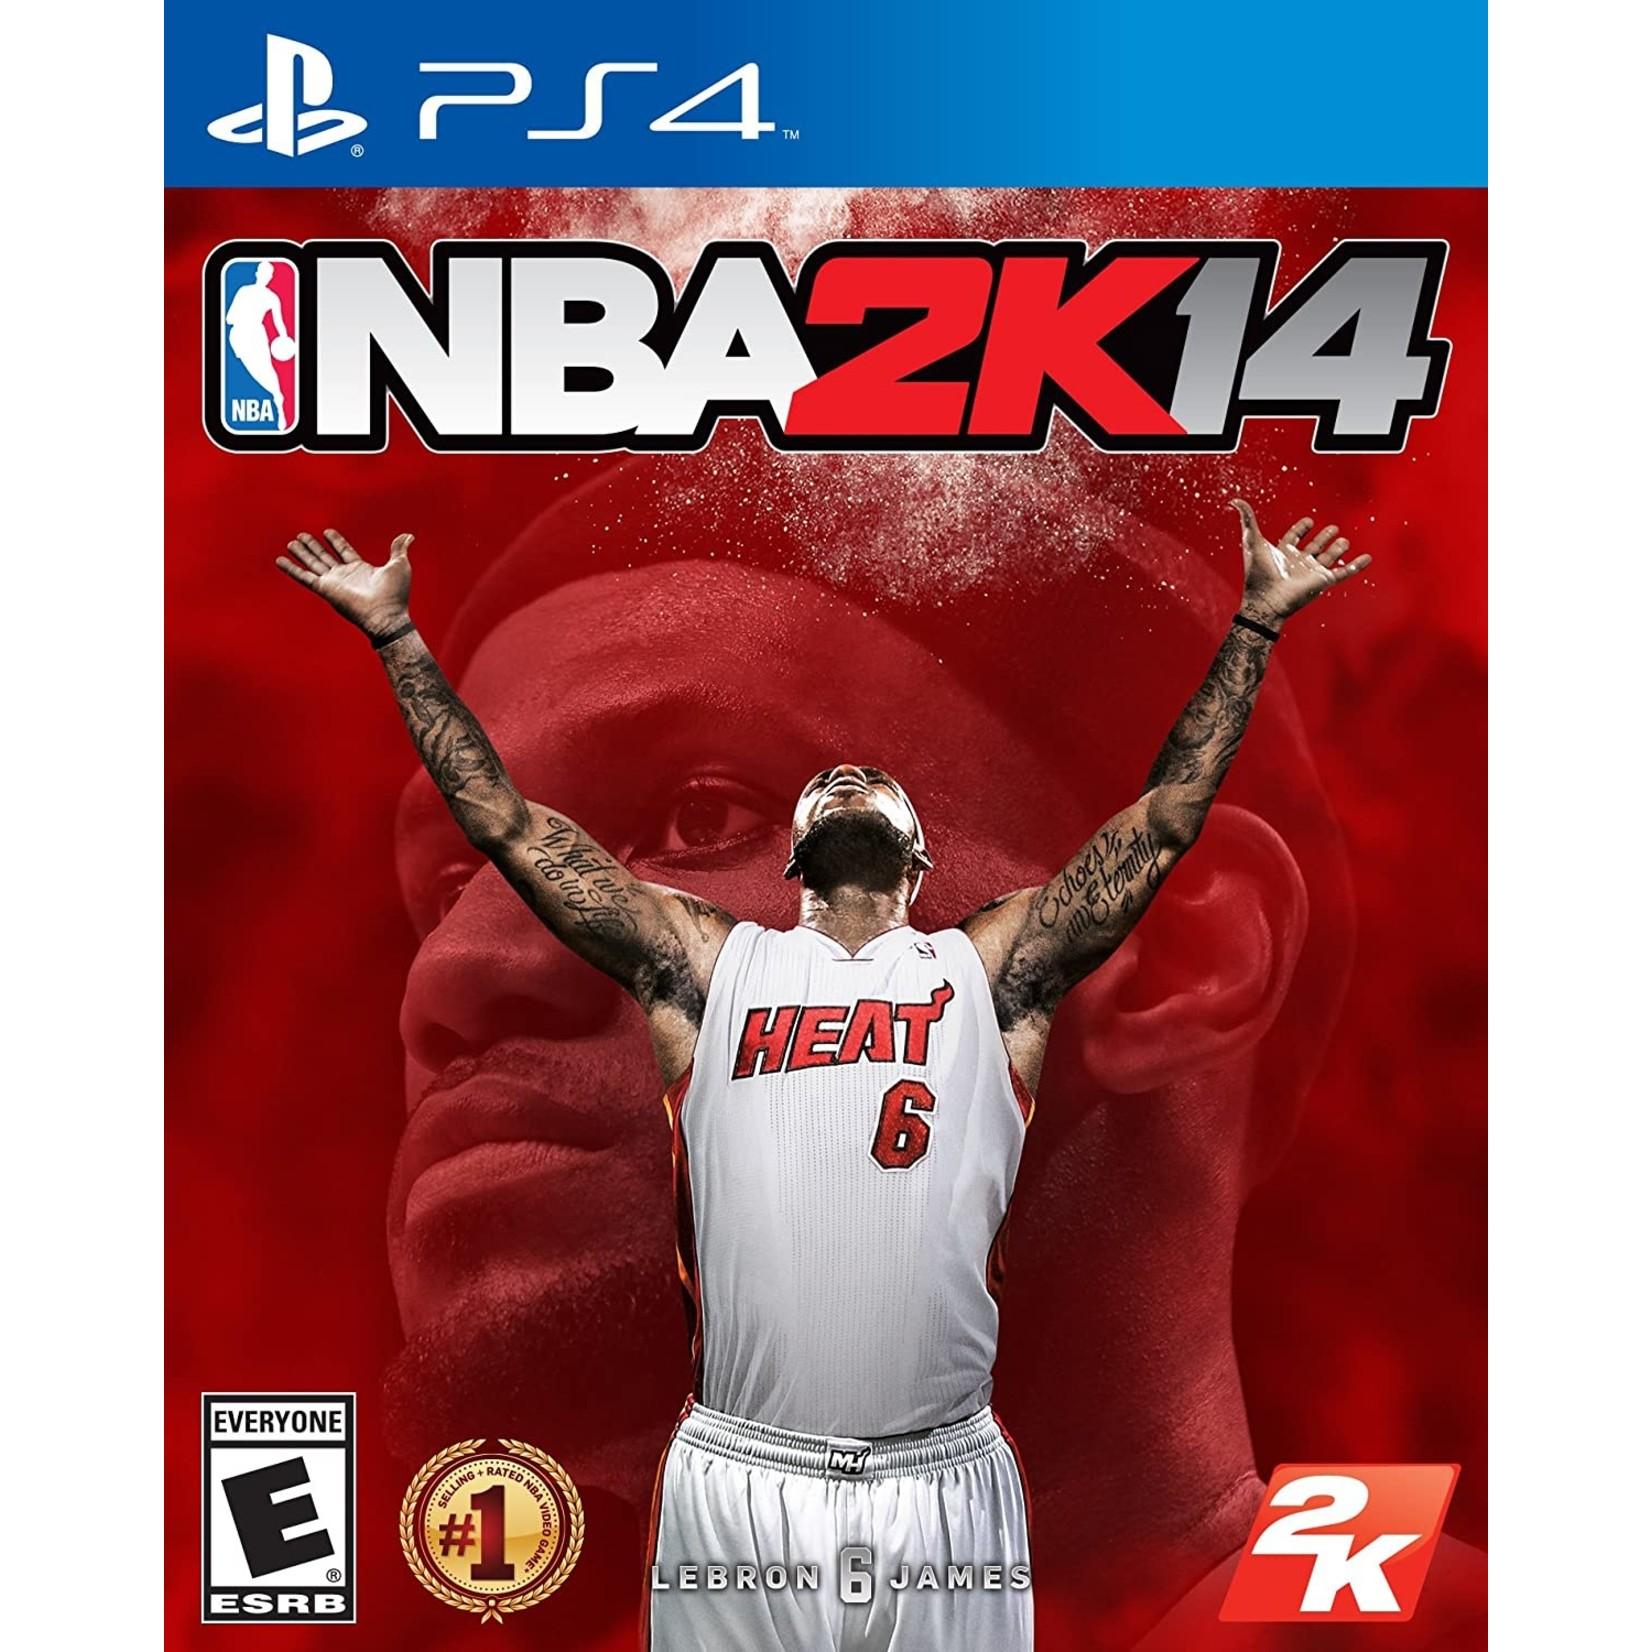 PS4U-NBA 2K14